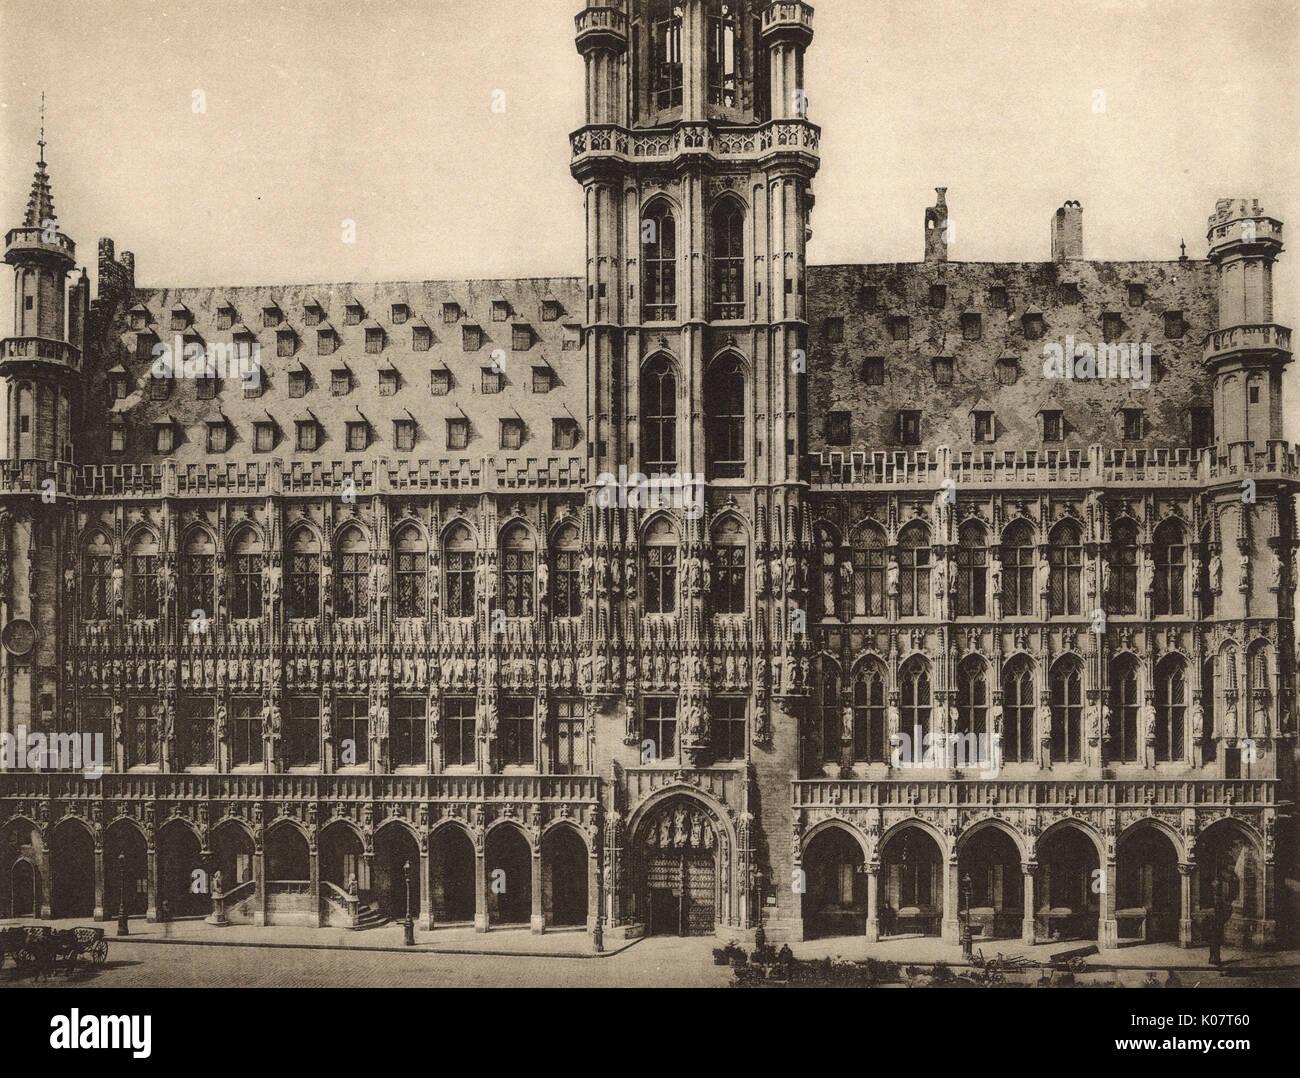 Brussels belgium dating